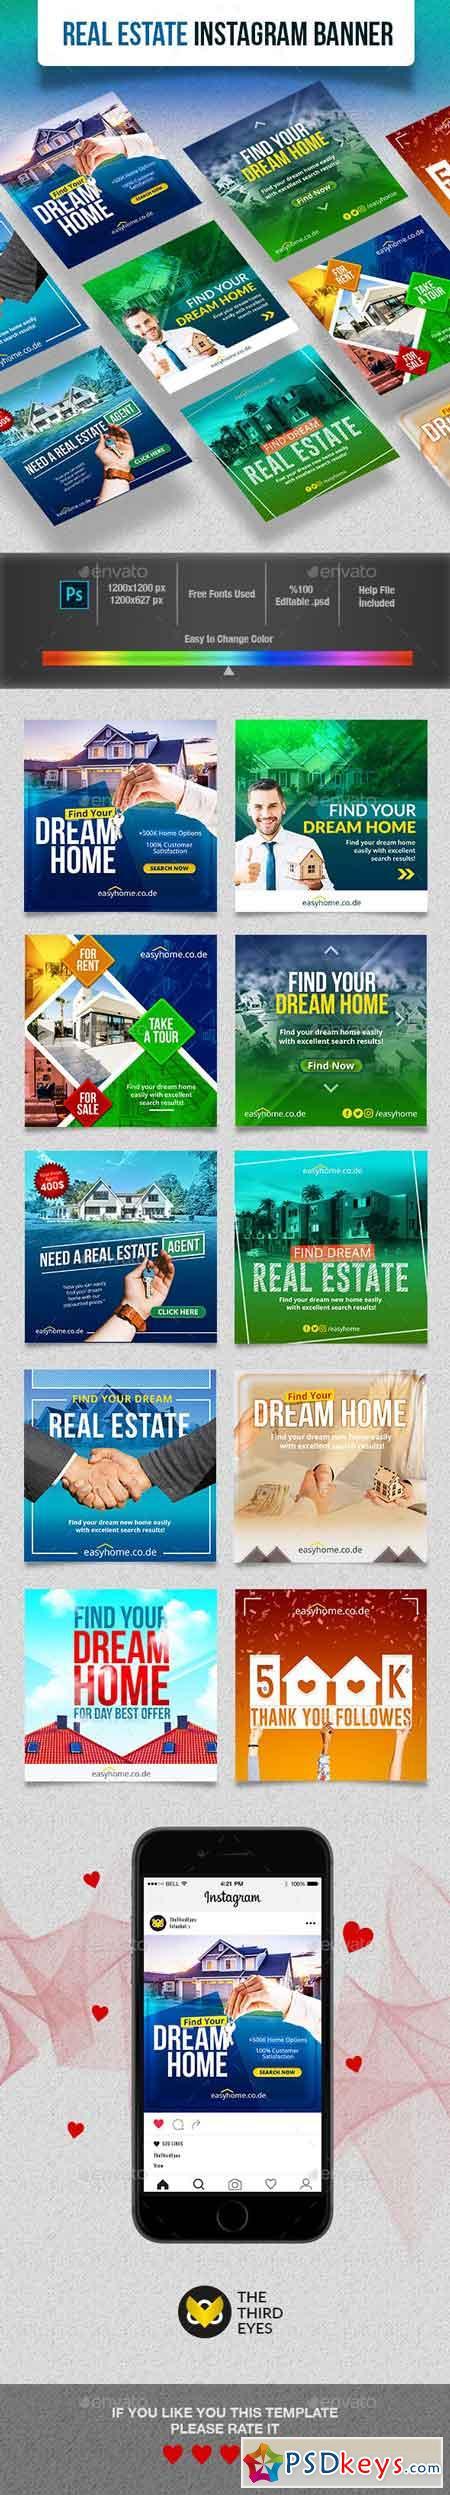 Real Estate Instagram Banner 23102118